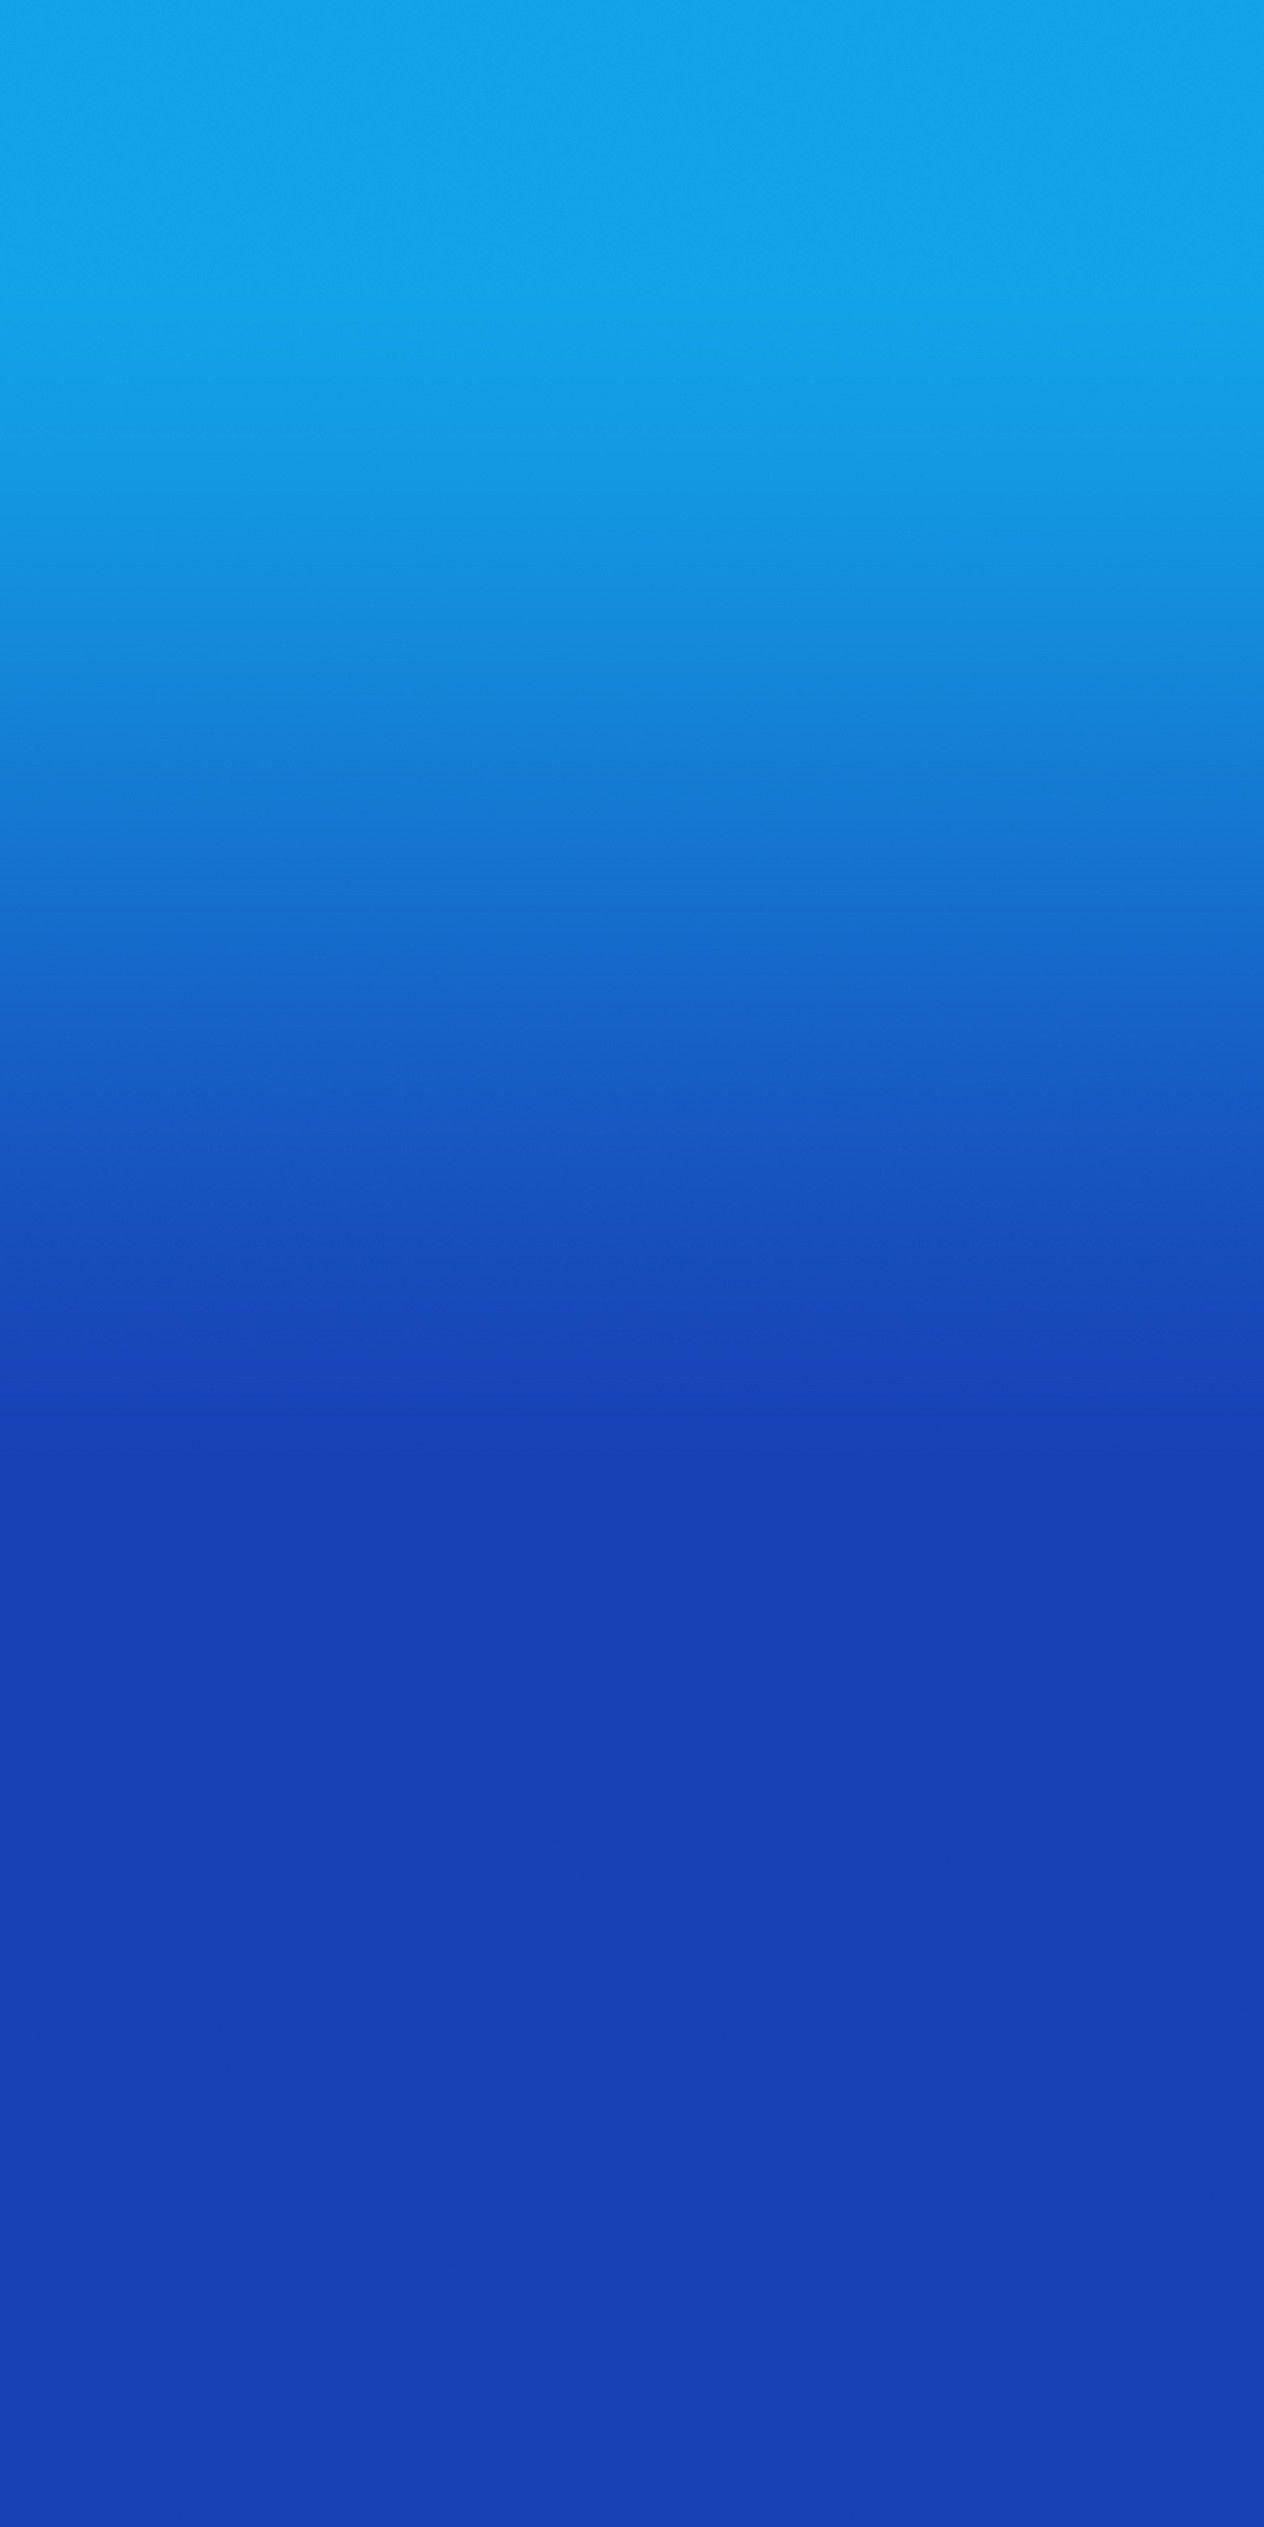 Download 510 Wallpaper Asus Zenfone Max Pro M1 HD Gratid